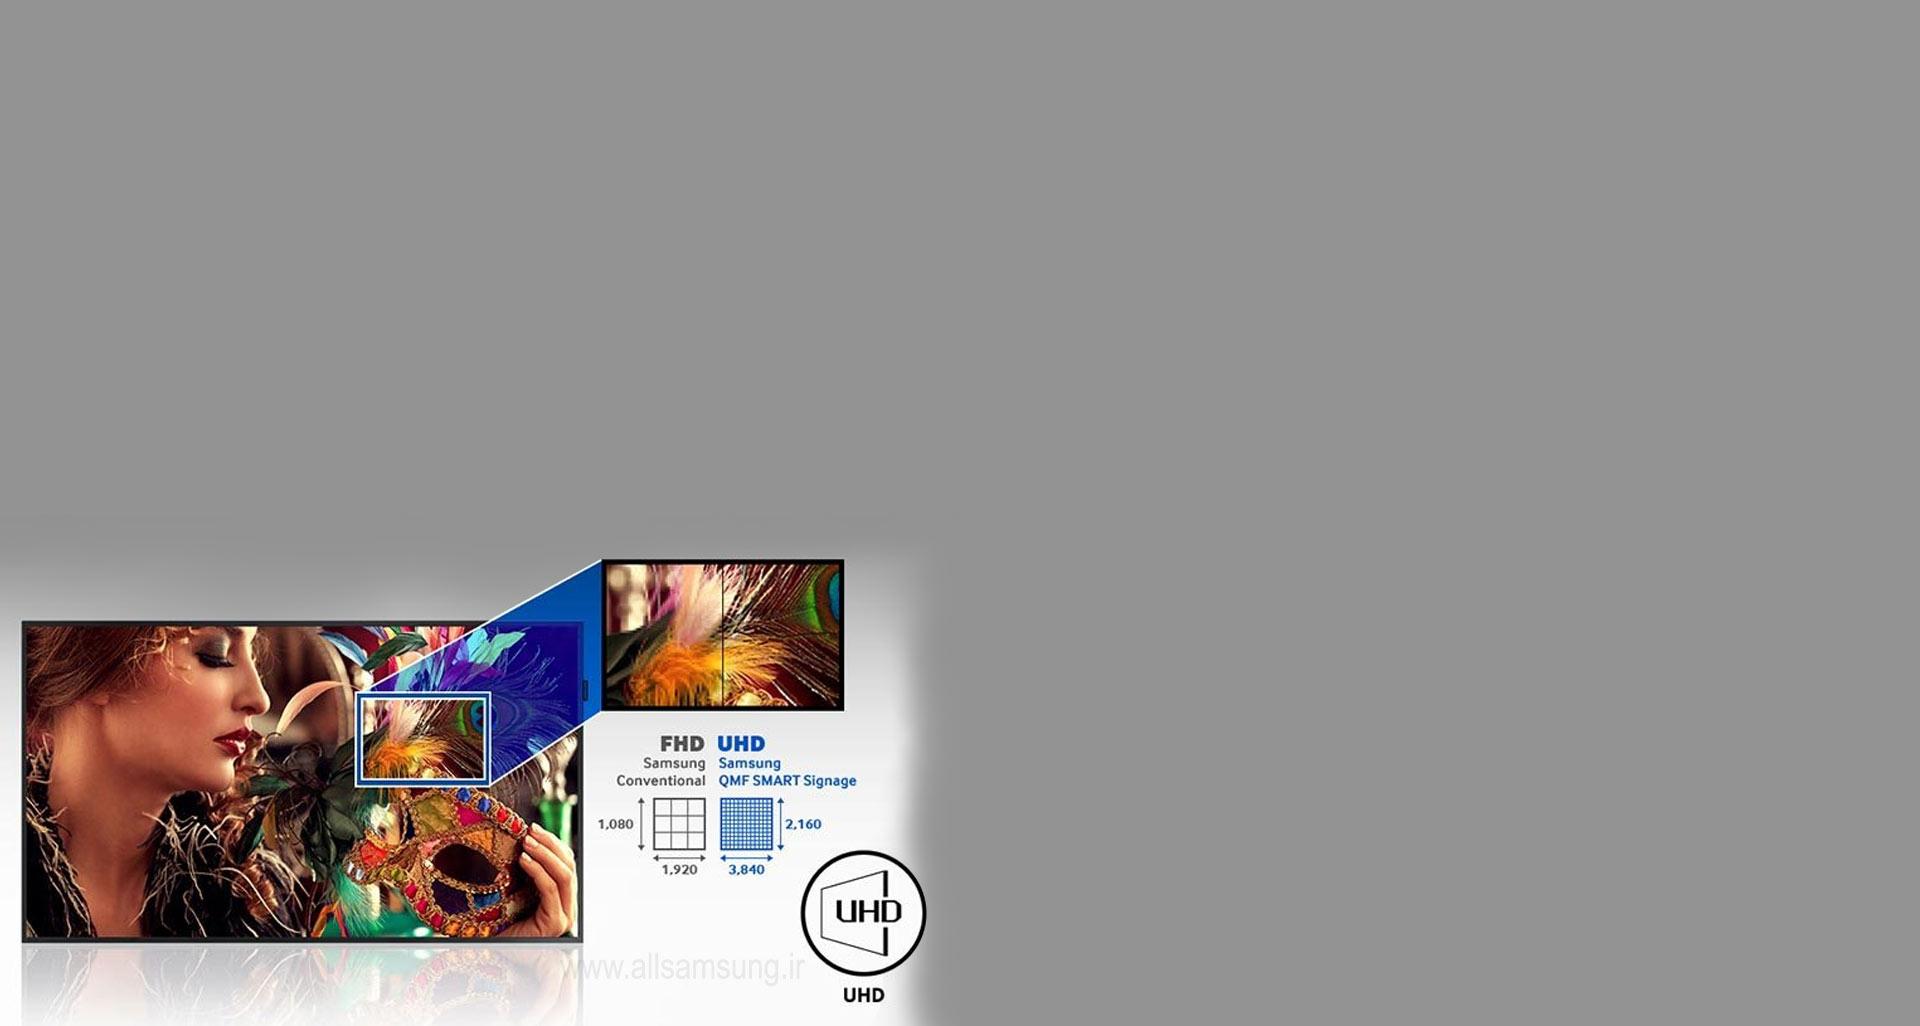 جذب مشتریان و ارتقای ماهیت برند با کیفیت UHD تصاویر و عکس ها